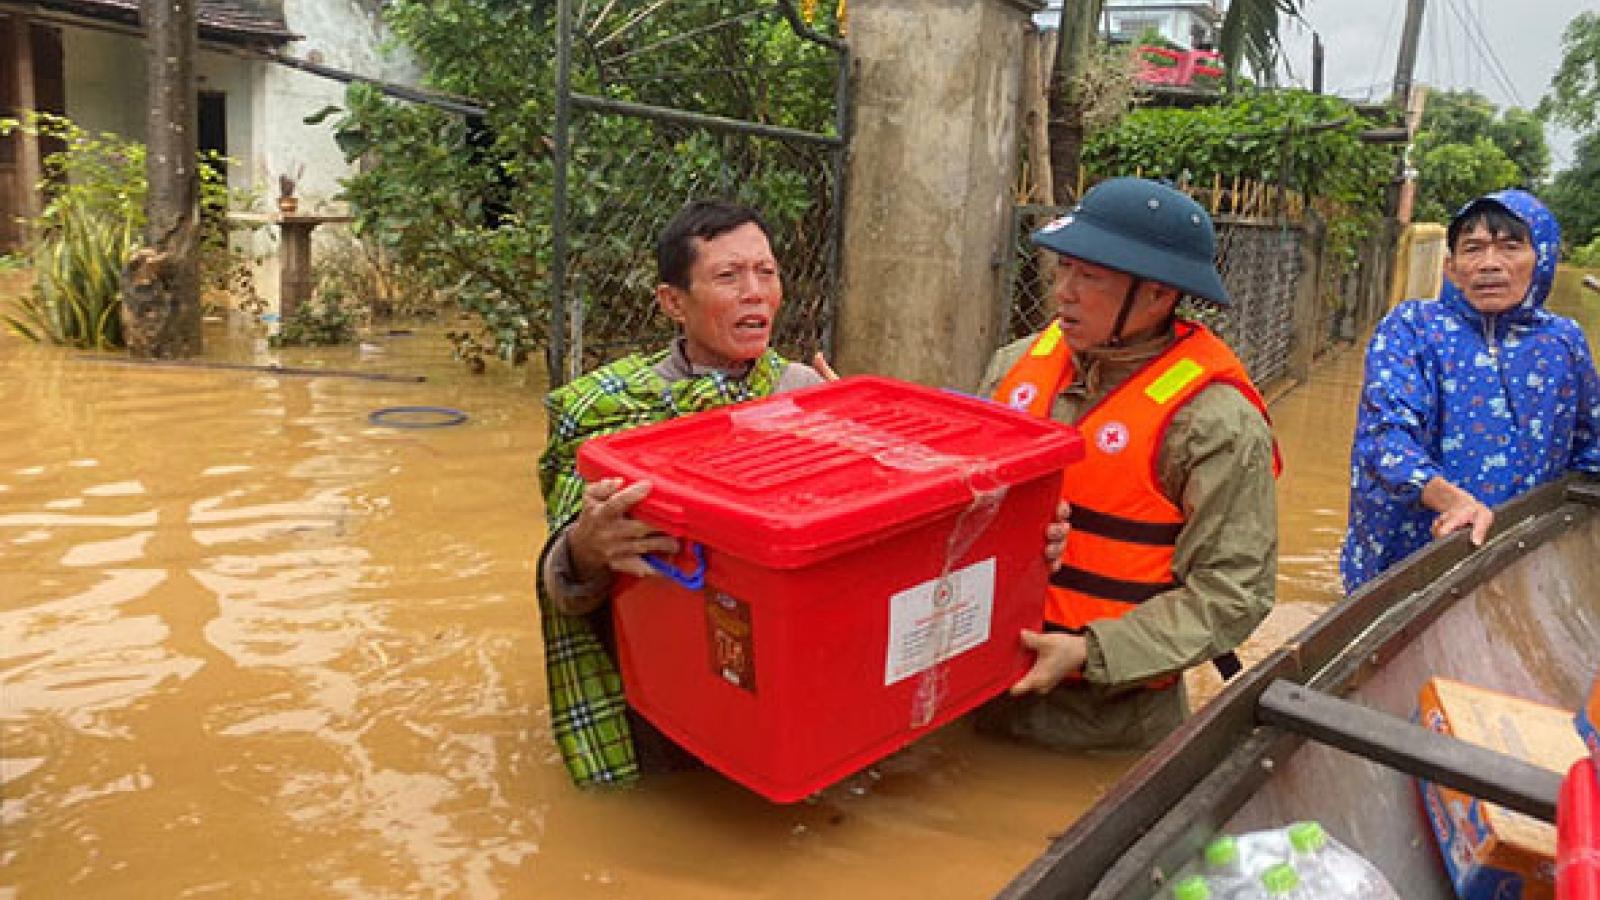 Hội Chữ thập đỏ Việt Namtrợ giúp 1,1 triệu người ứng phó thiên tai và đại dịch Covid-19